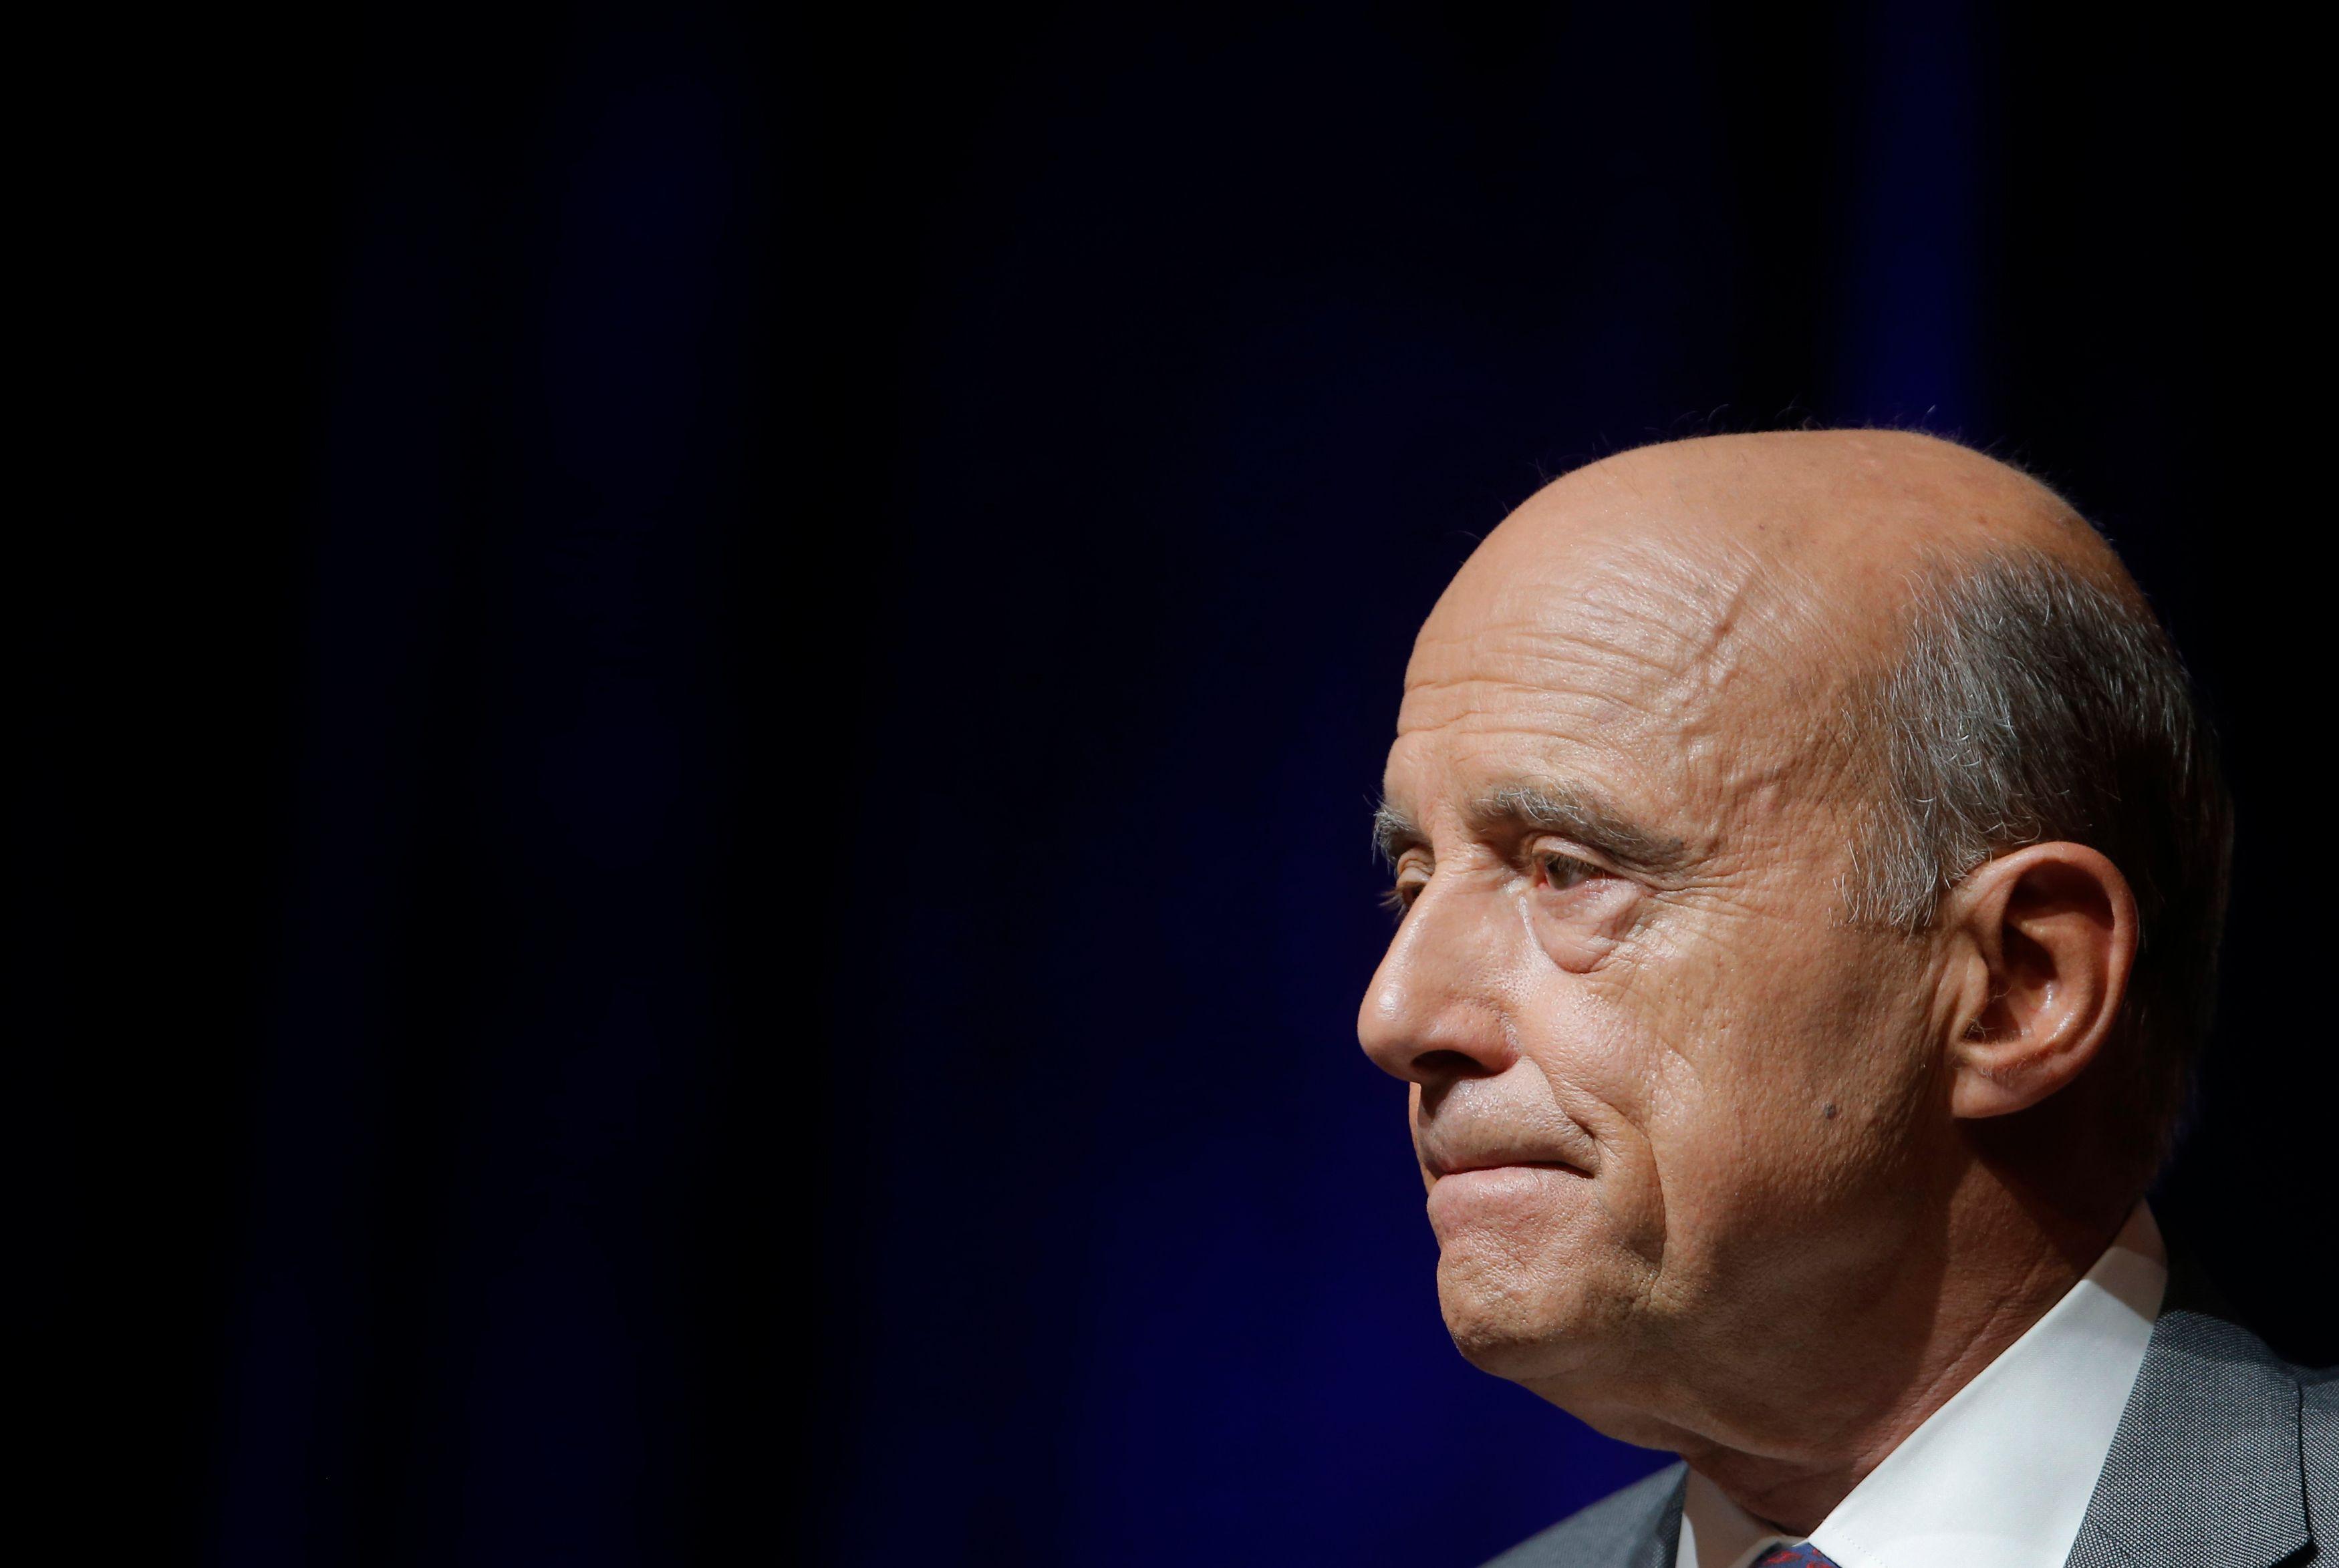 Le maire de Bordeaux souhaite prendre ses distances par rapport à la stratégie de François Bayrou qui affirme qu'il se présenterait à la présidentielle si Nicolas Sarkozy sortait vainqueur de la primaire de la droite et du centre.